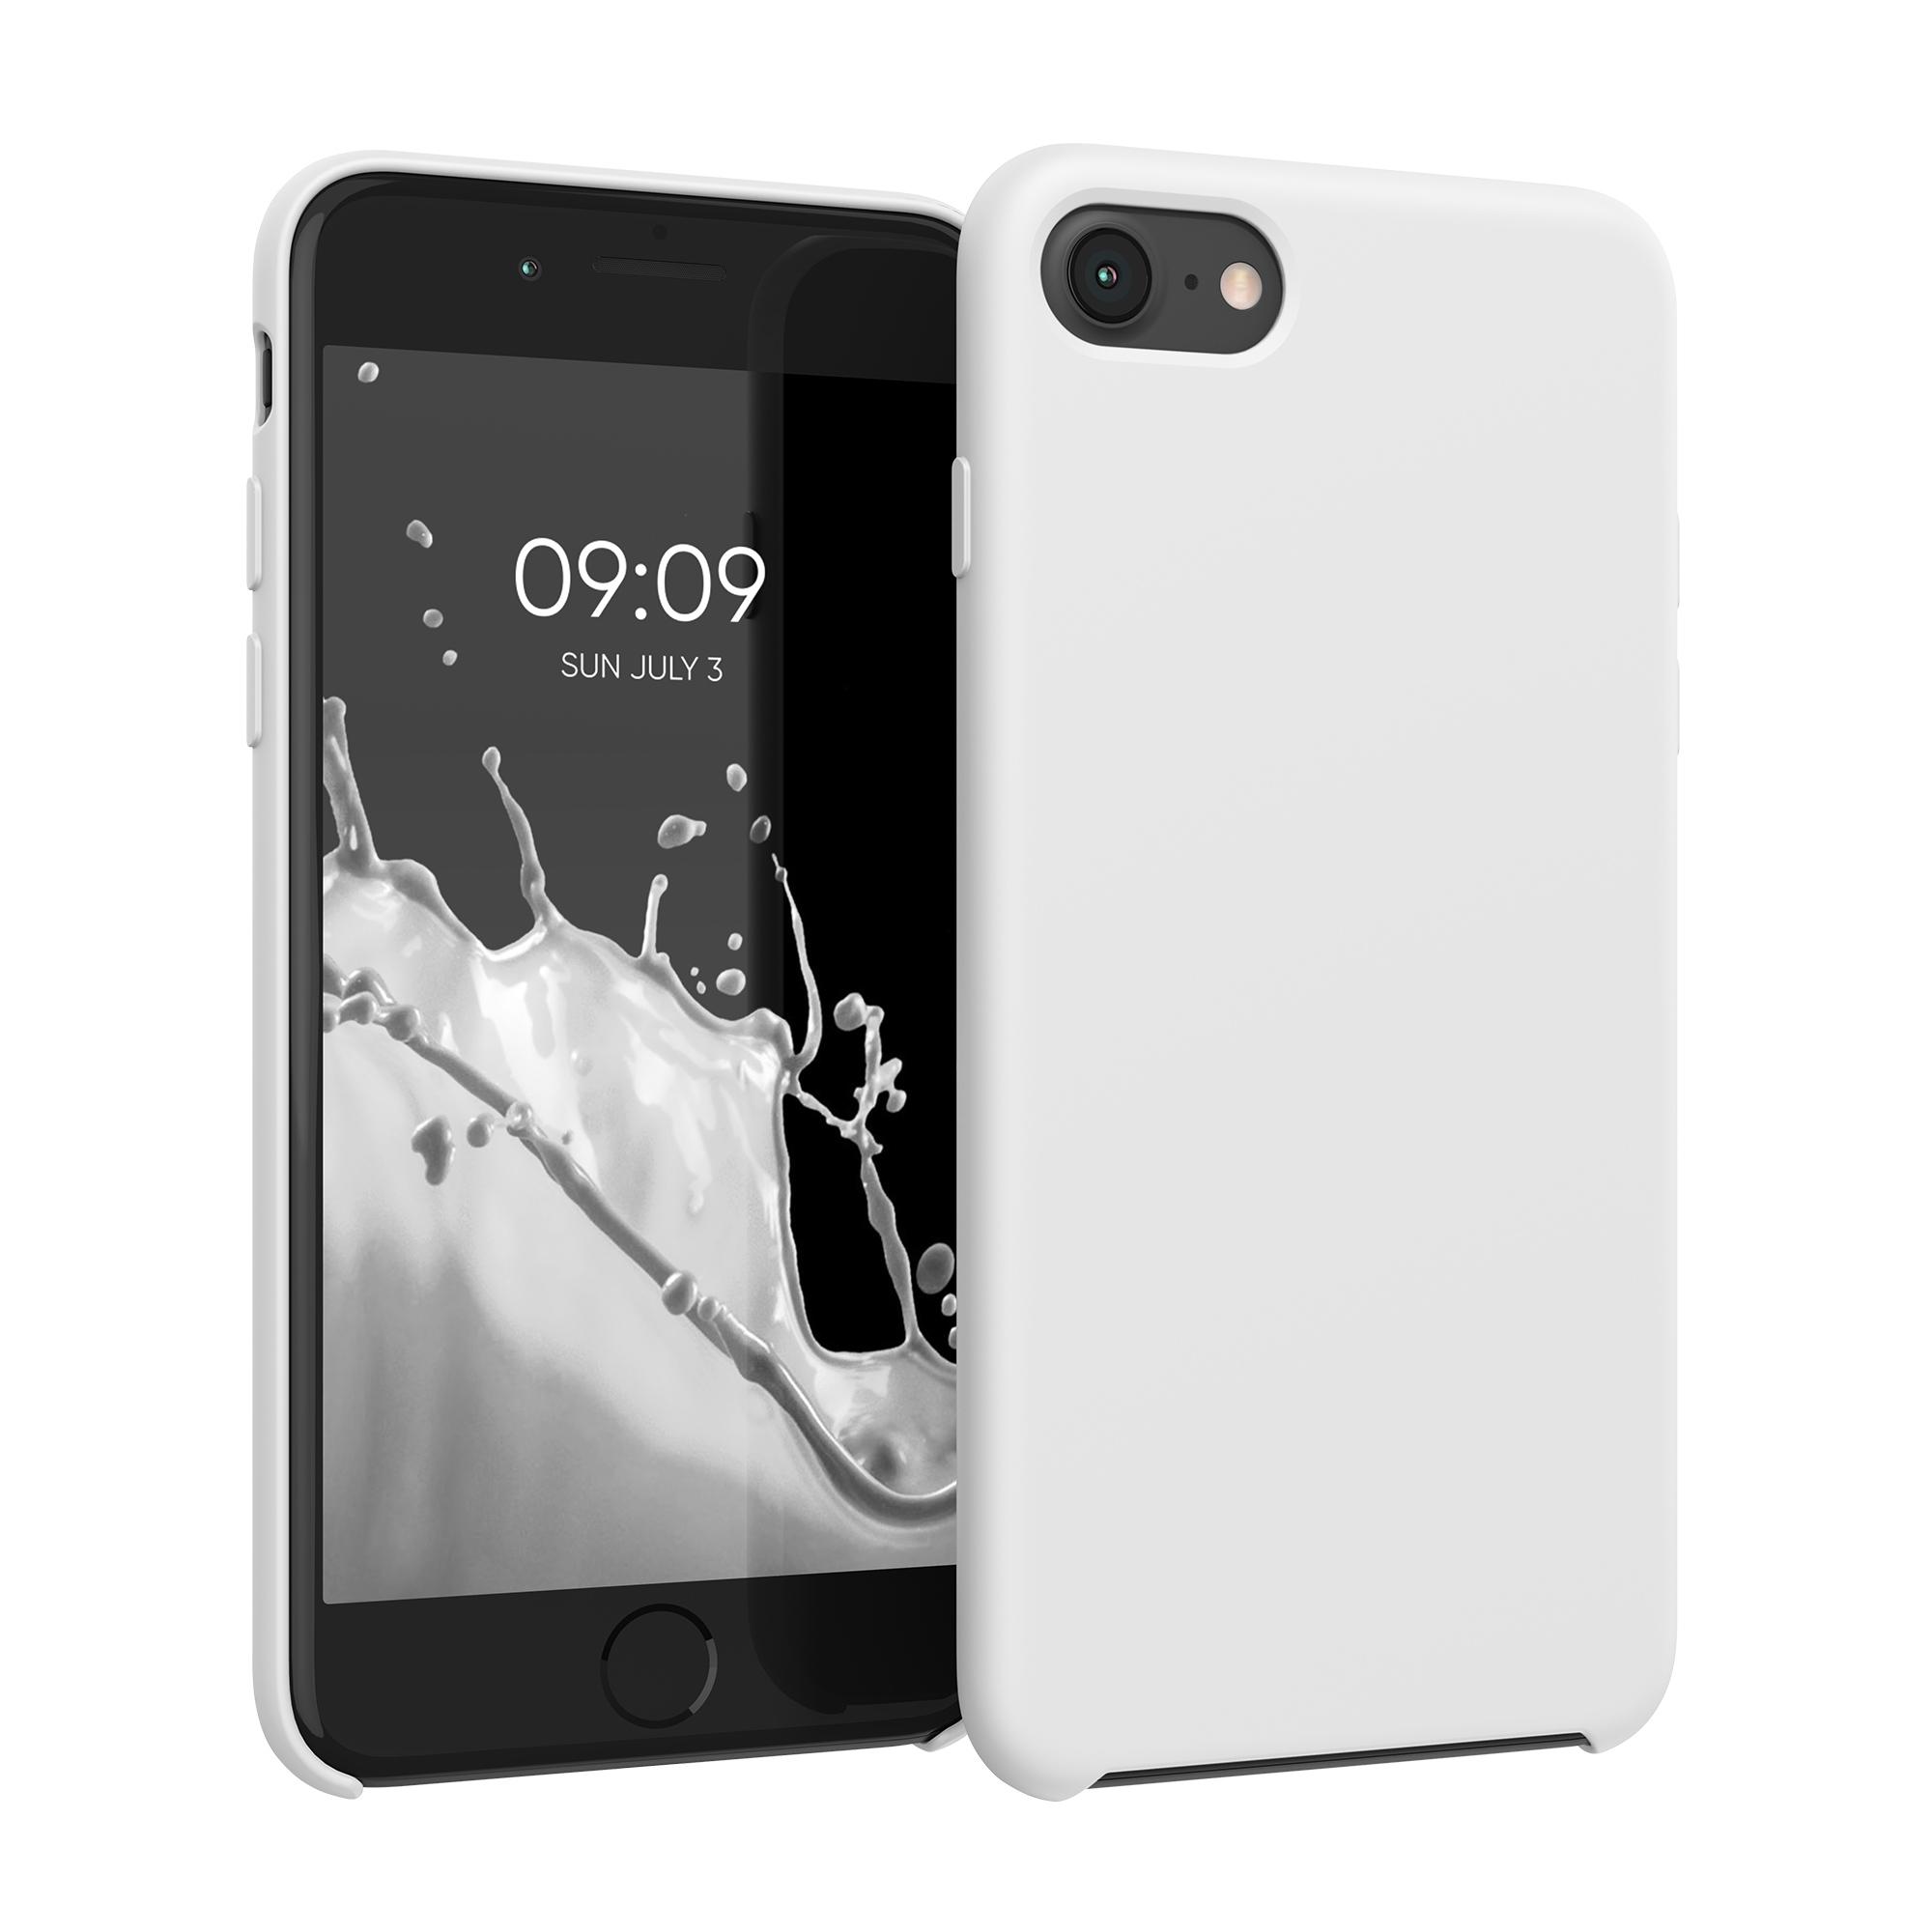 Kvalitní silikonové TPU pouzdro pro Apple iPhone 7 / 8 / SE  - Bílý